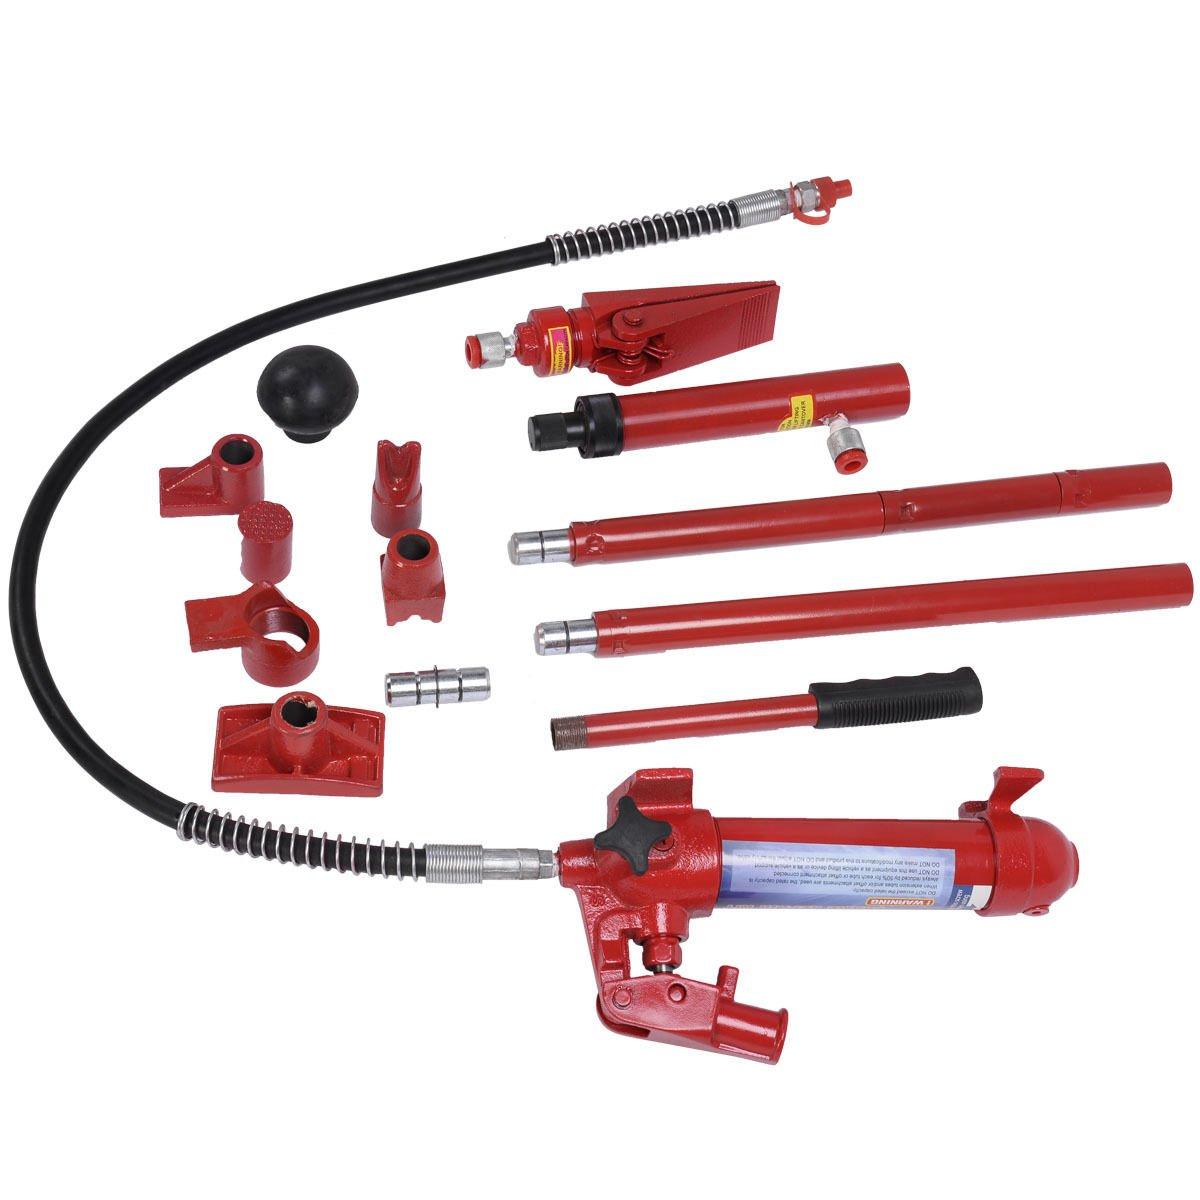 Amazon.com: Toolsempire 4 Ton Porta Power Hydraulic Jack Auto Body ...